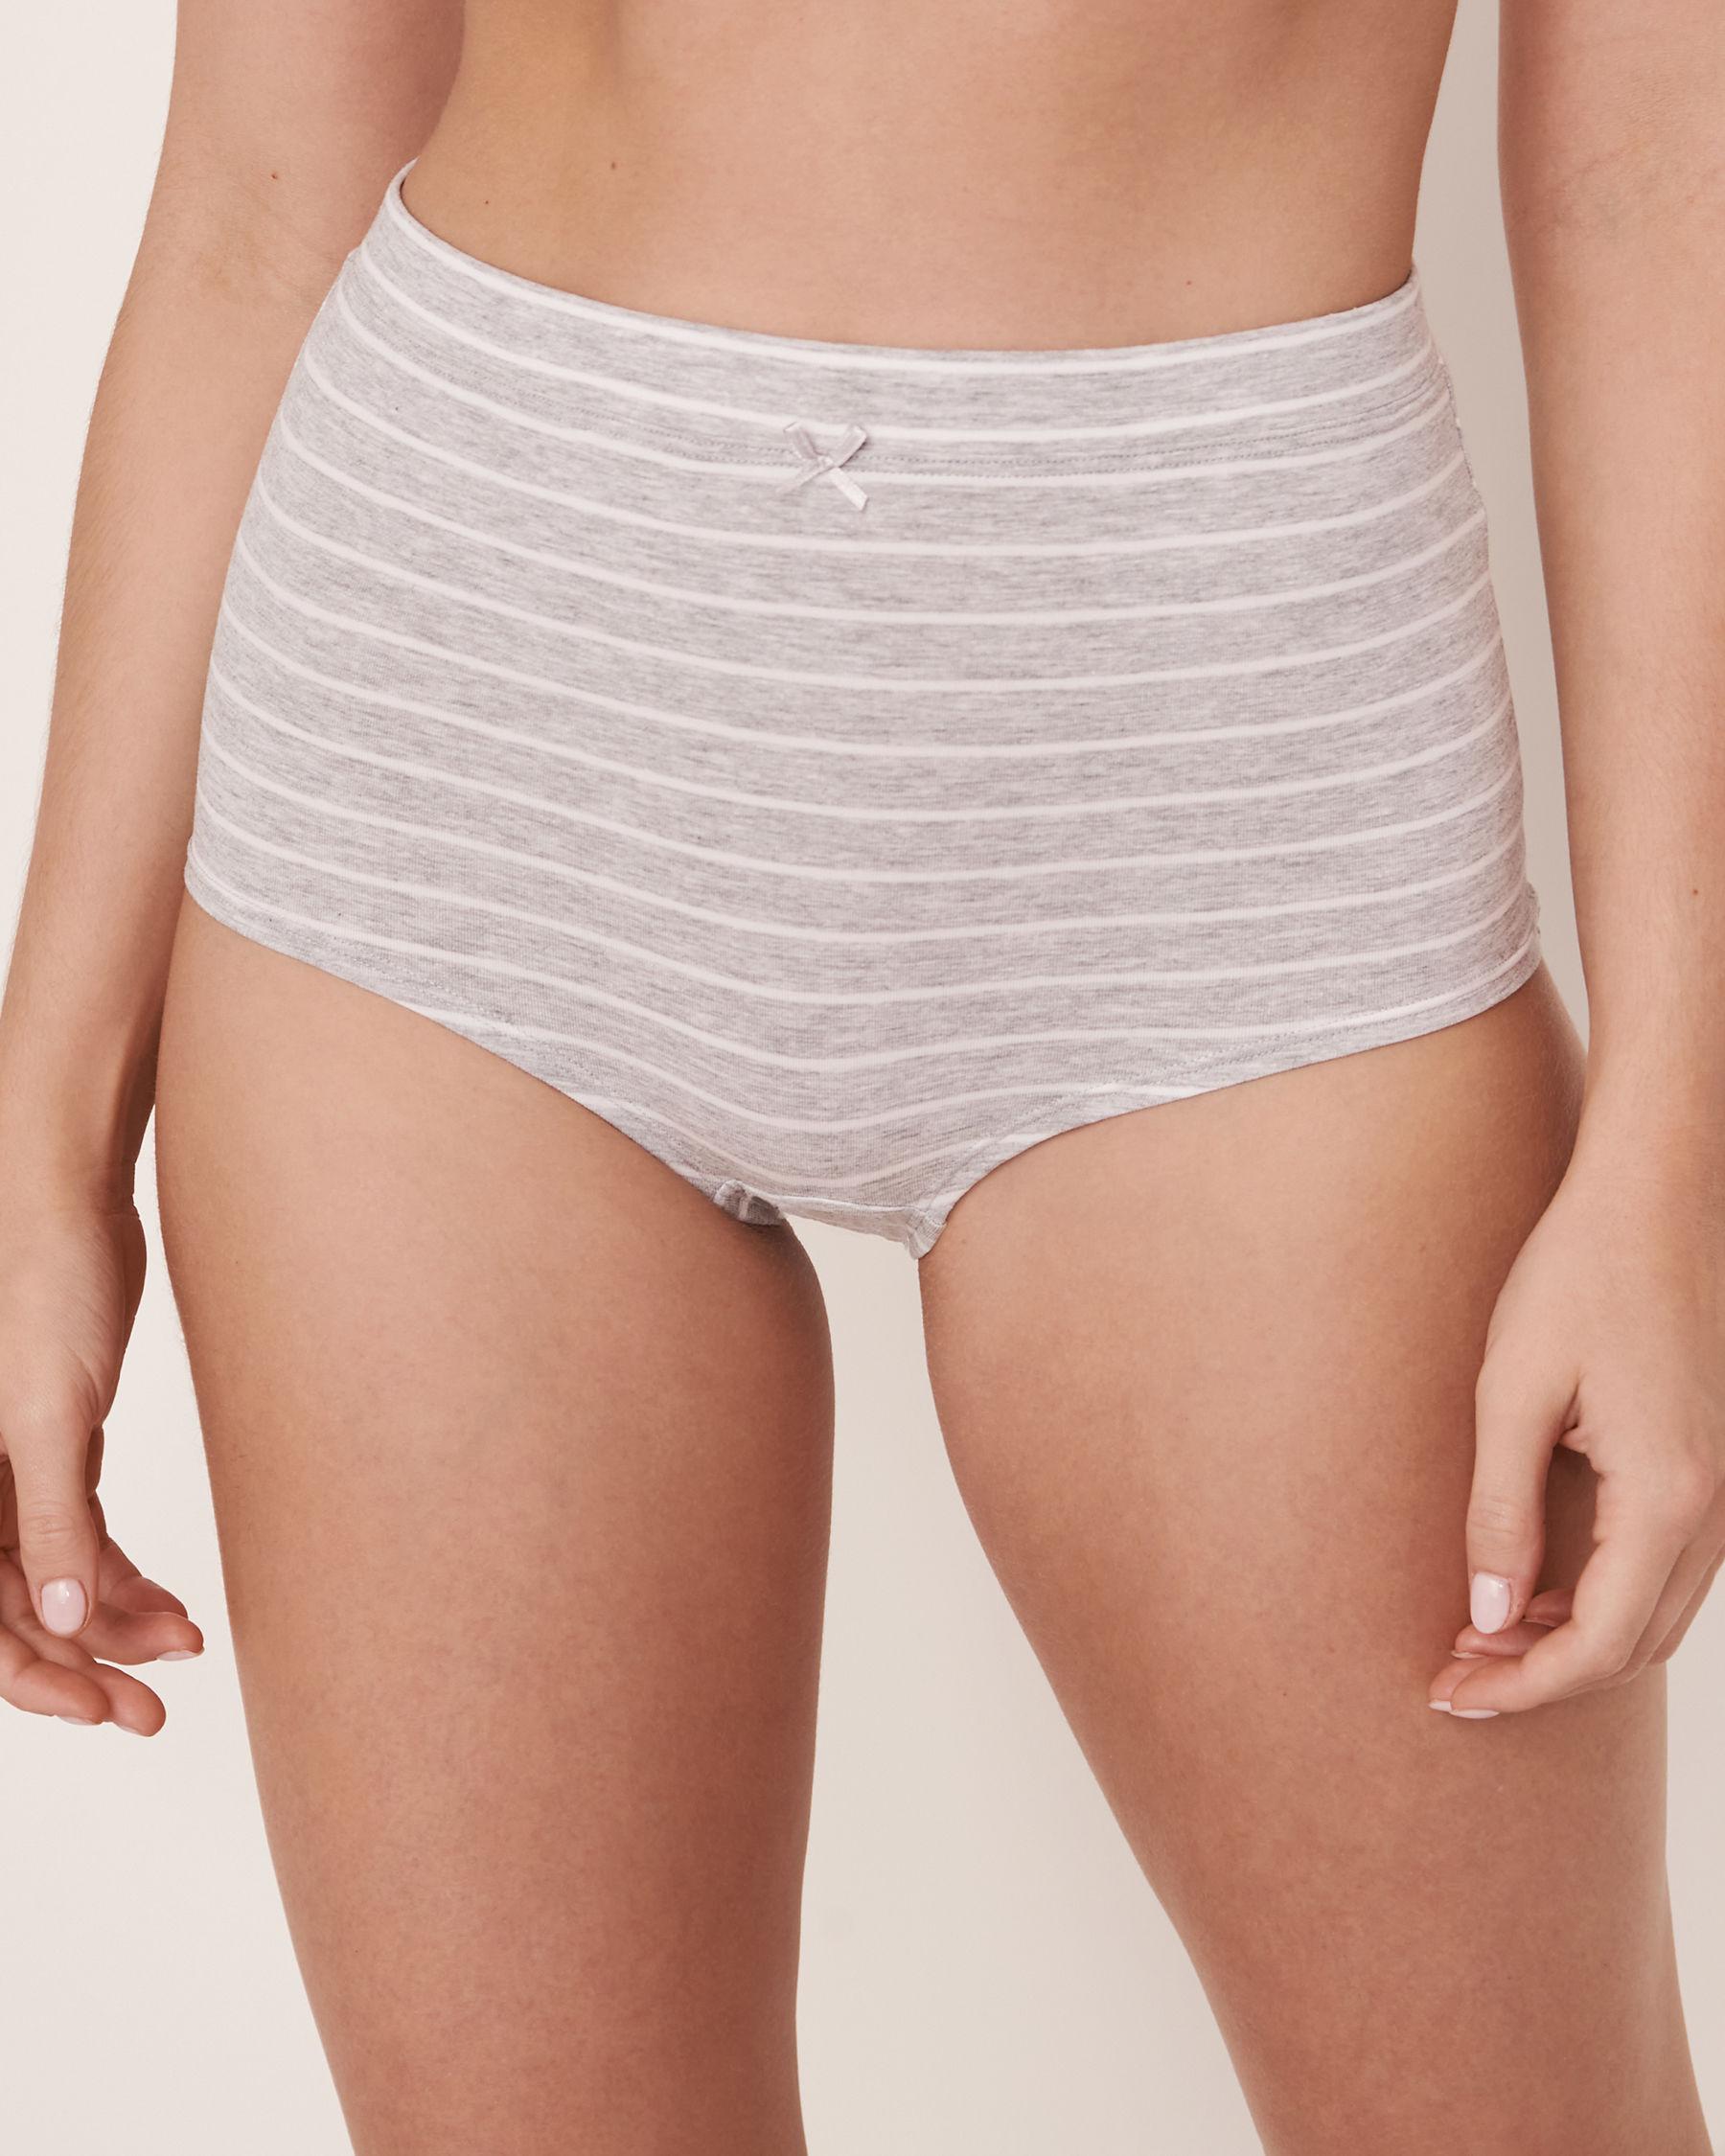 LA VIE EN ROSE Boyleg Panty Grey 20100060 - View1